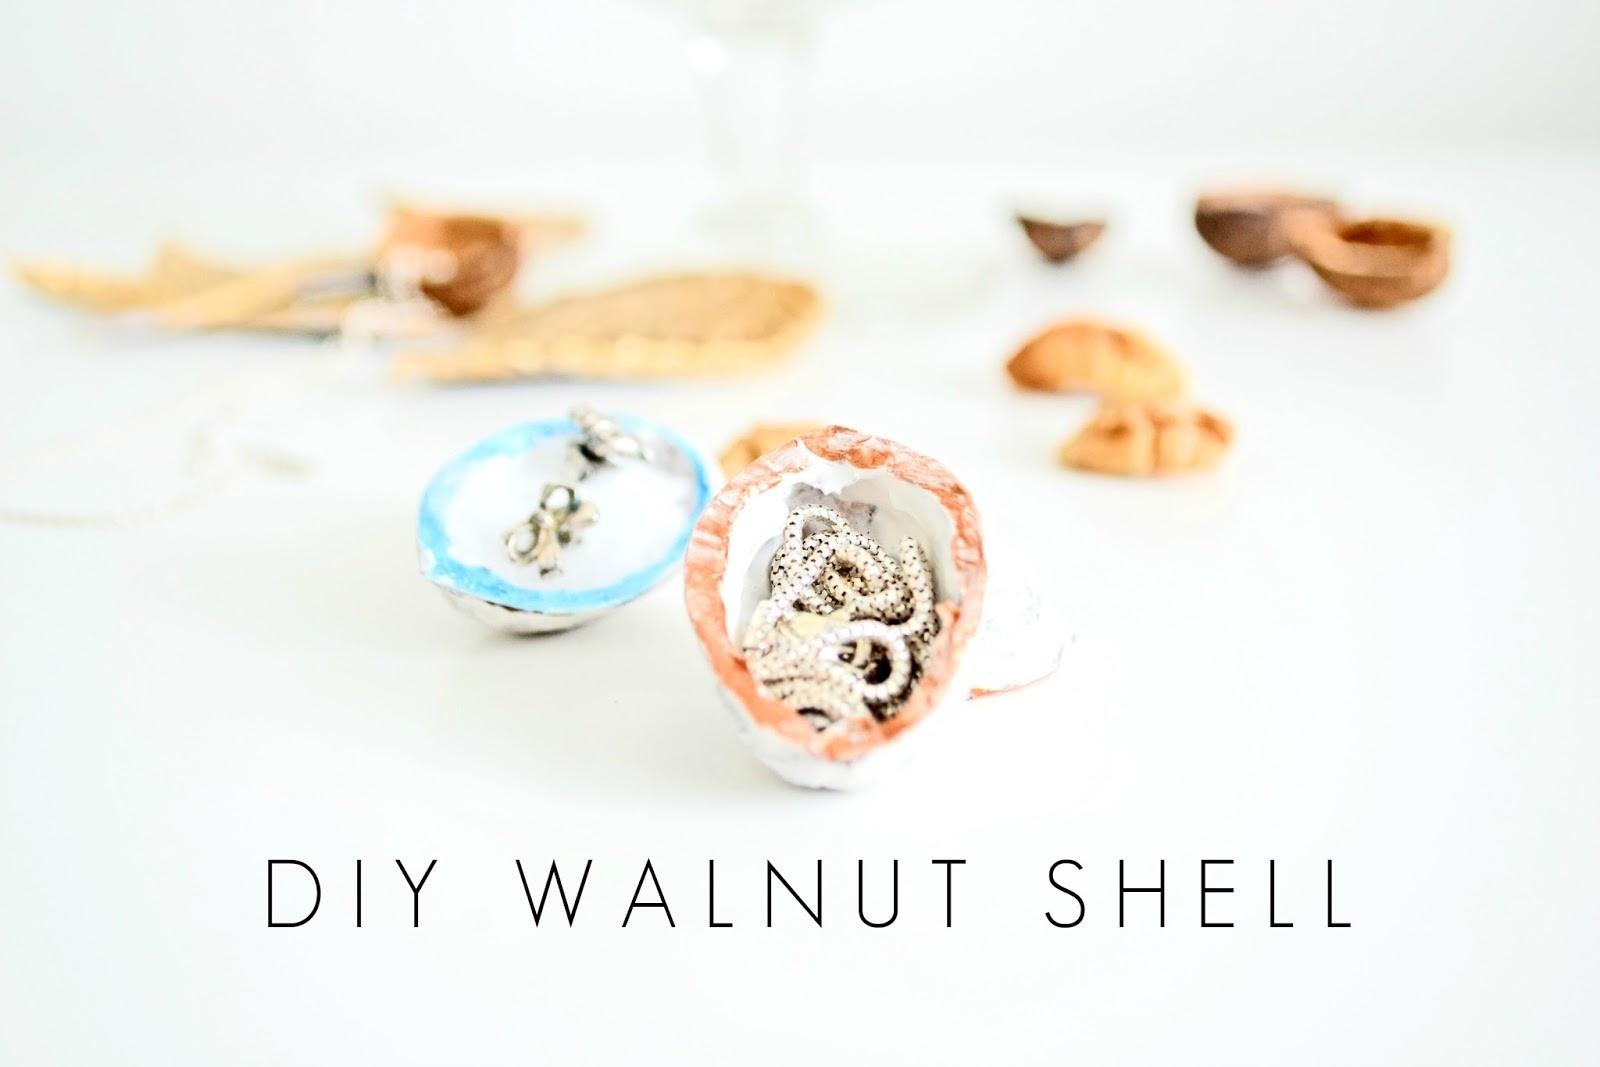 DIY Walnut Shell Ideas